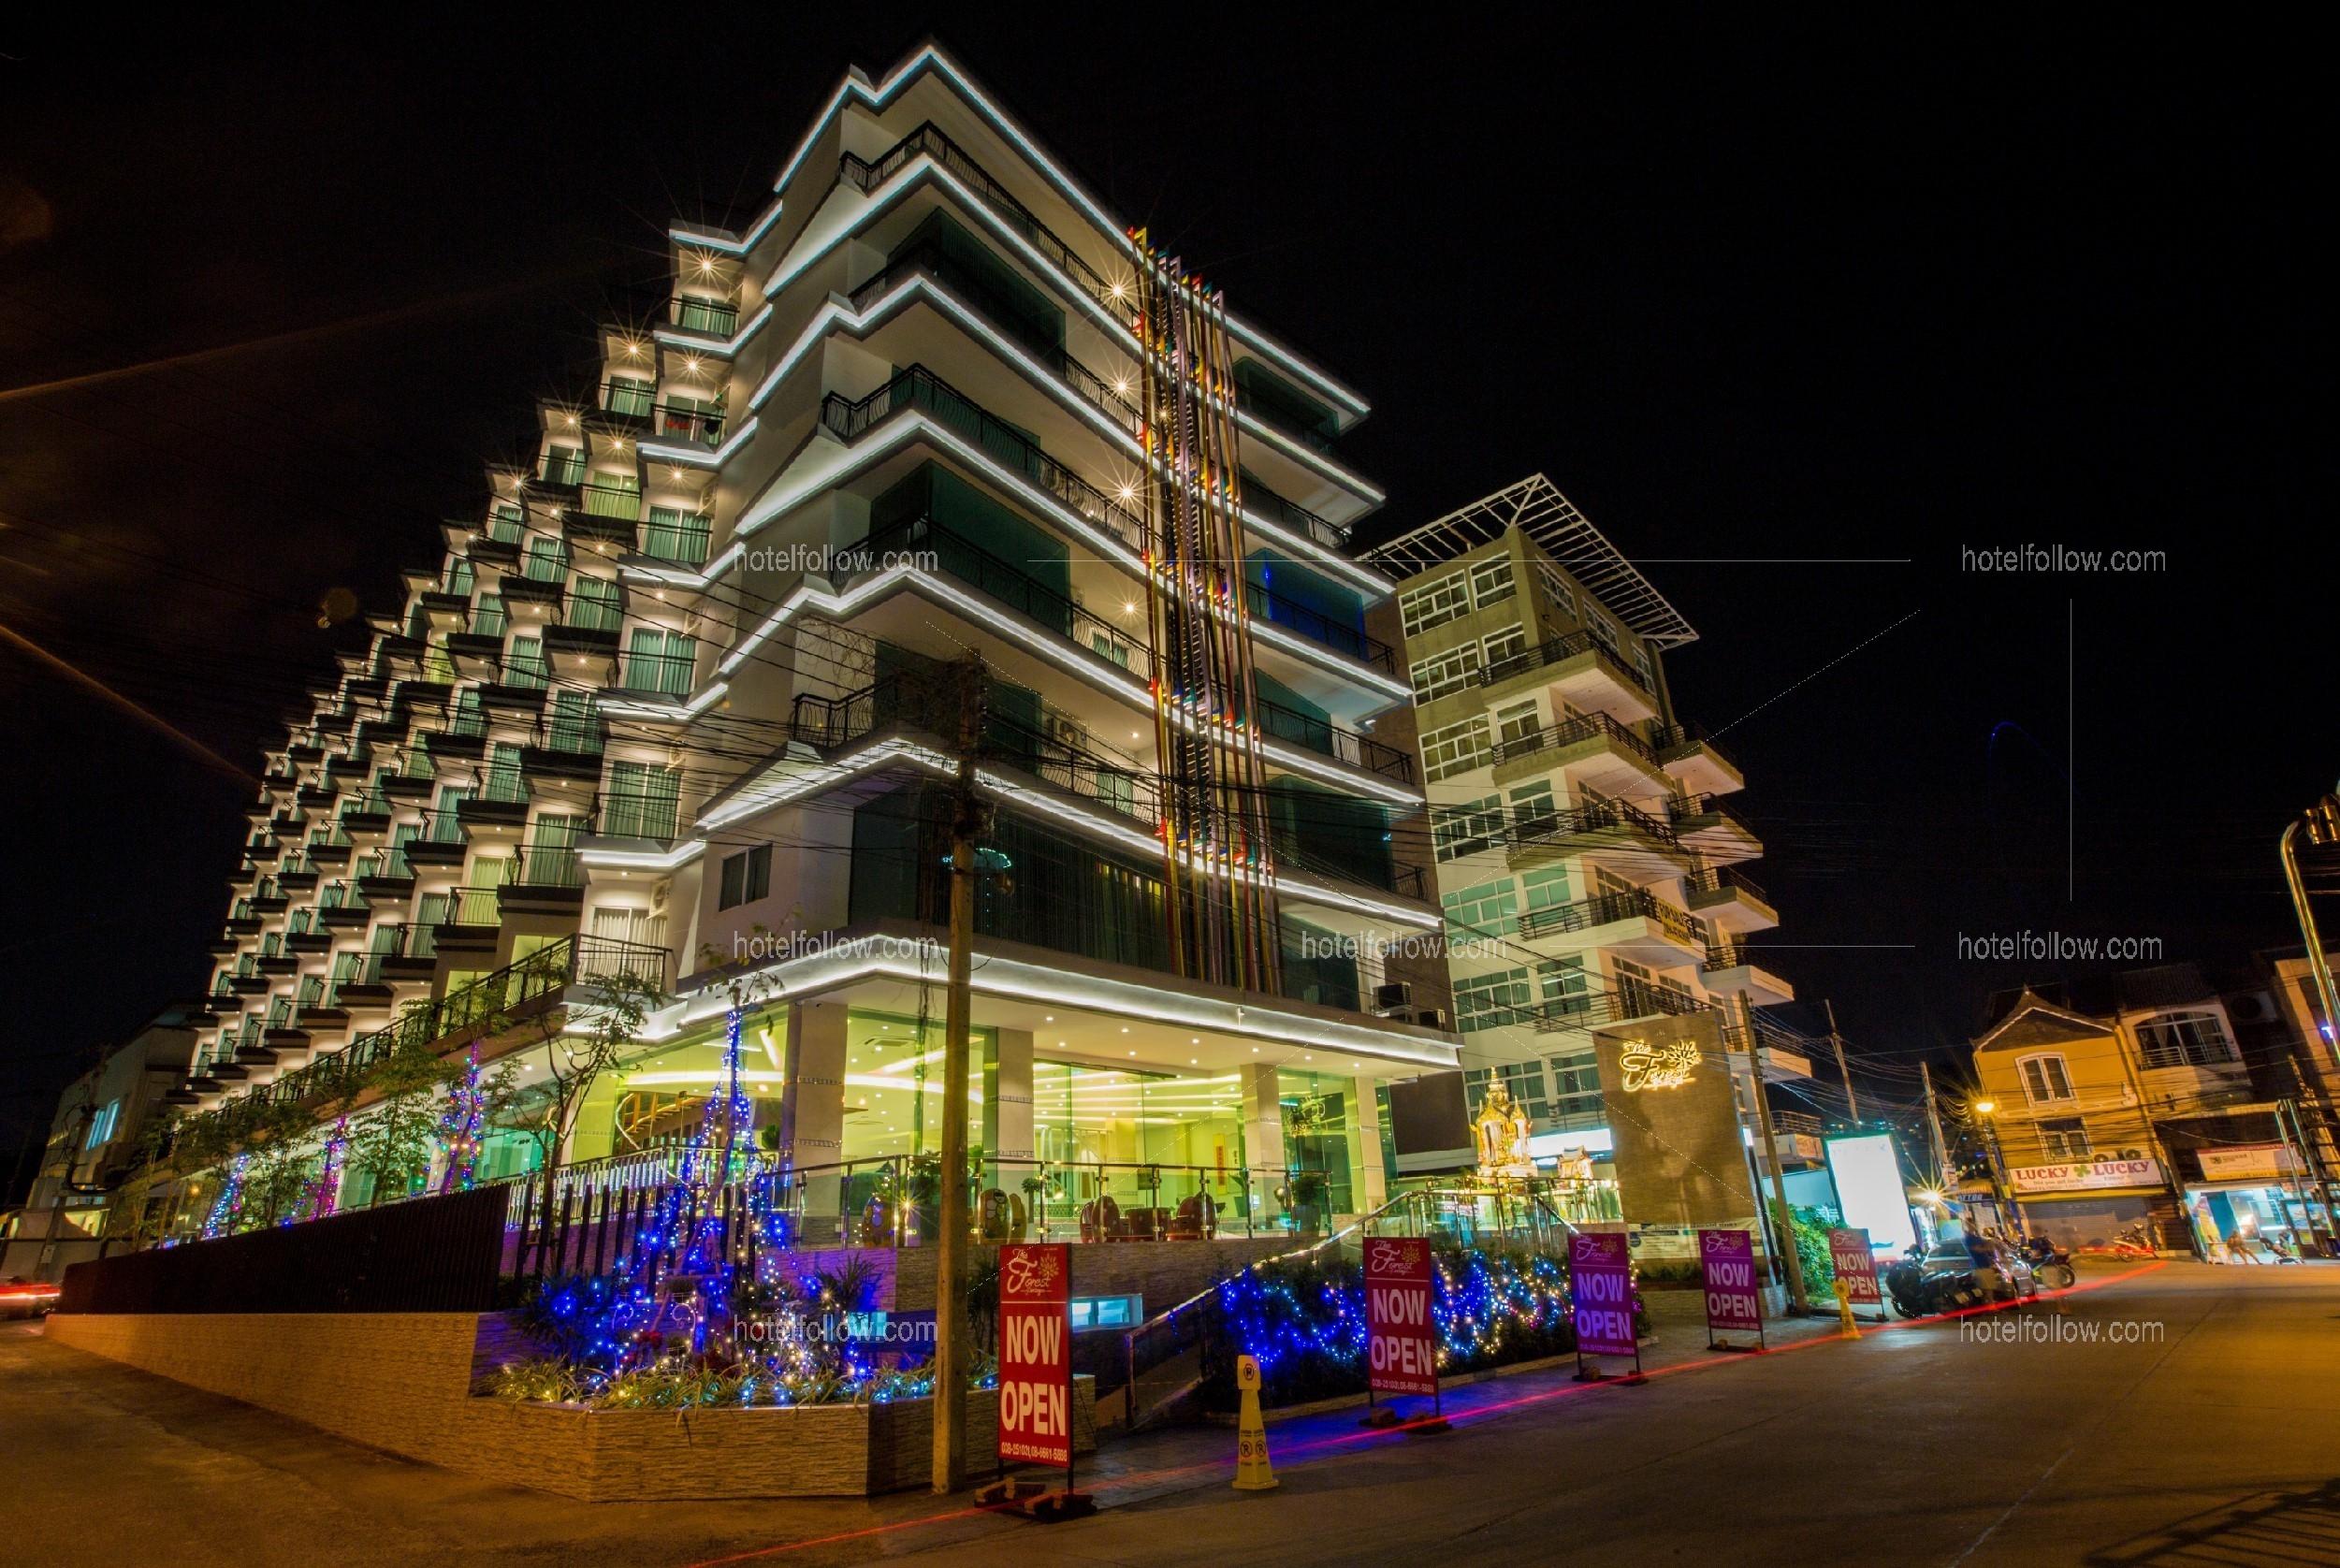 โรงแรม เดอะ ฟอเรสท์ พัทยาใต้